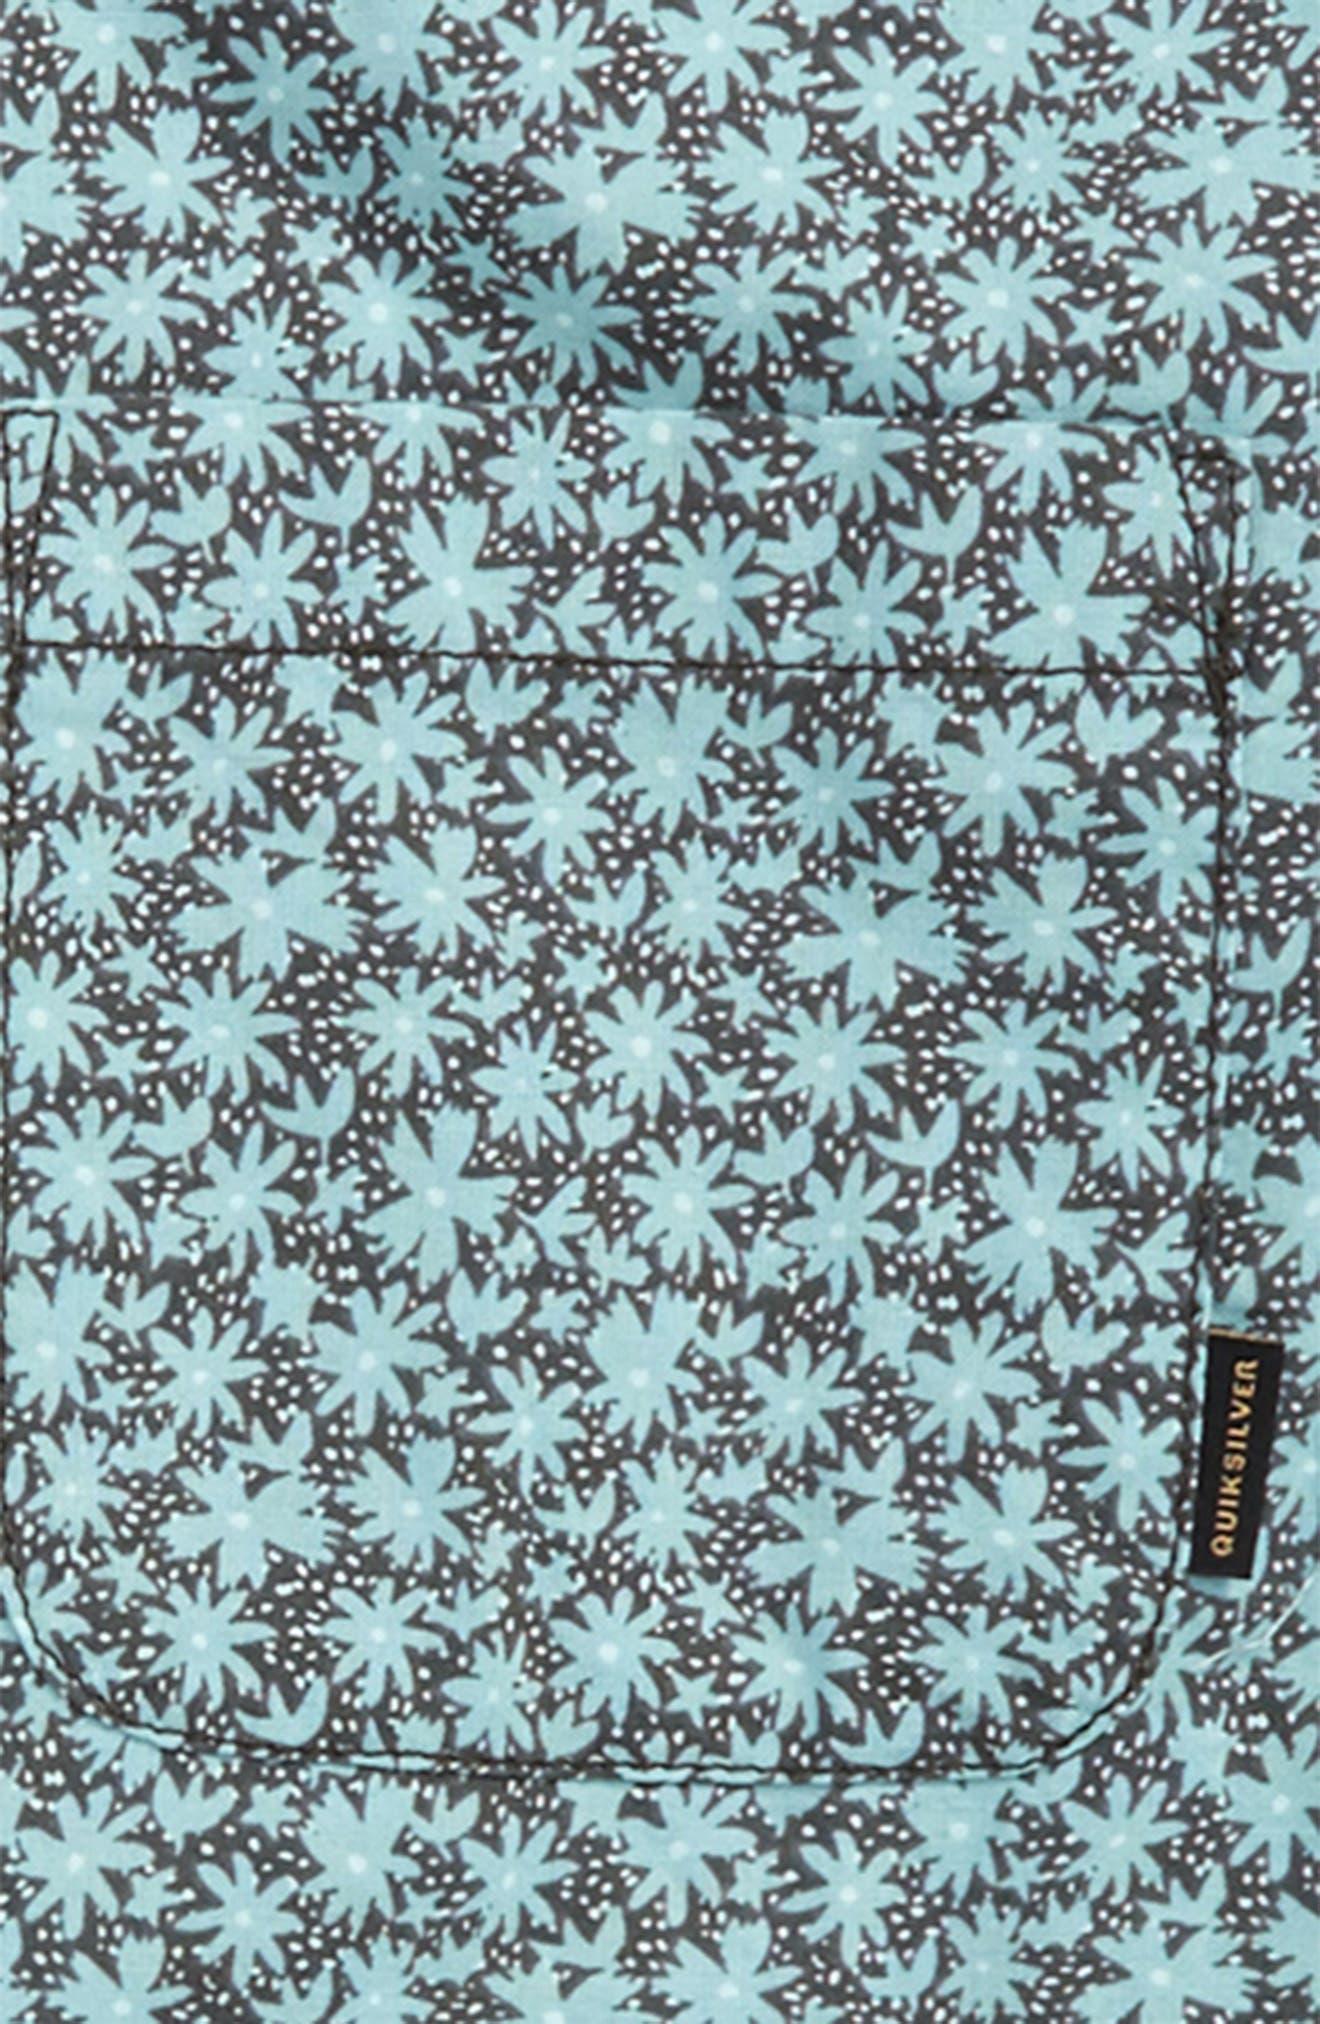 Minikani Woven Shirt,                             Alternate thumbnail 2, color,                             020